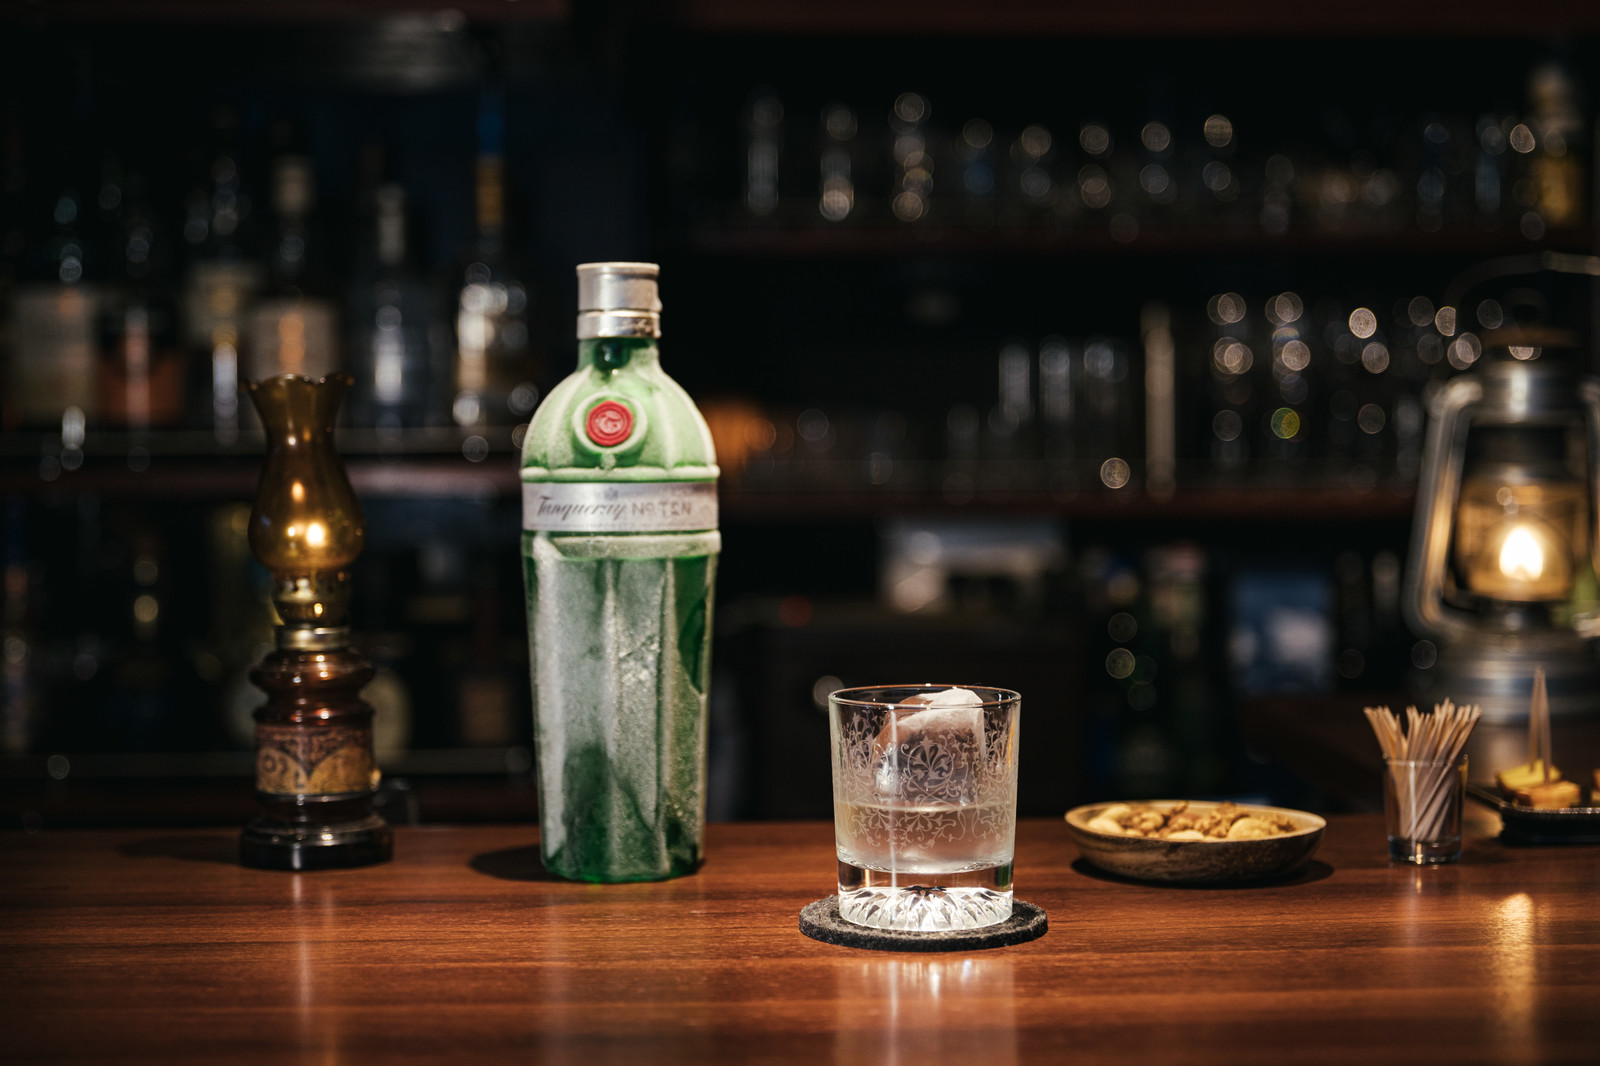 「キンキンに冷えたタンカレー No.10 LONDON DRY GINと雰囲気のあるバーカウンター」の写真